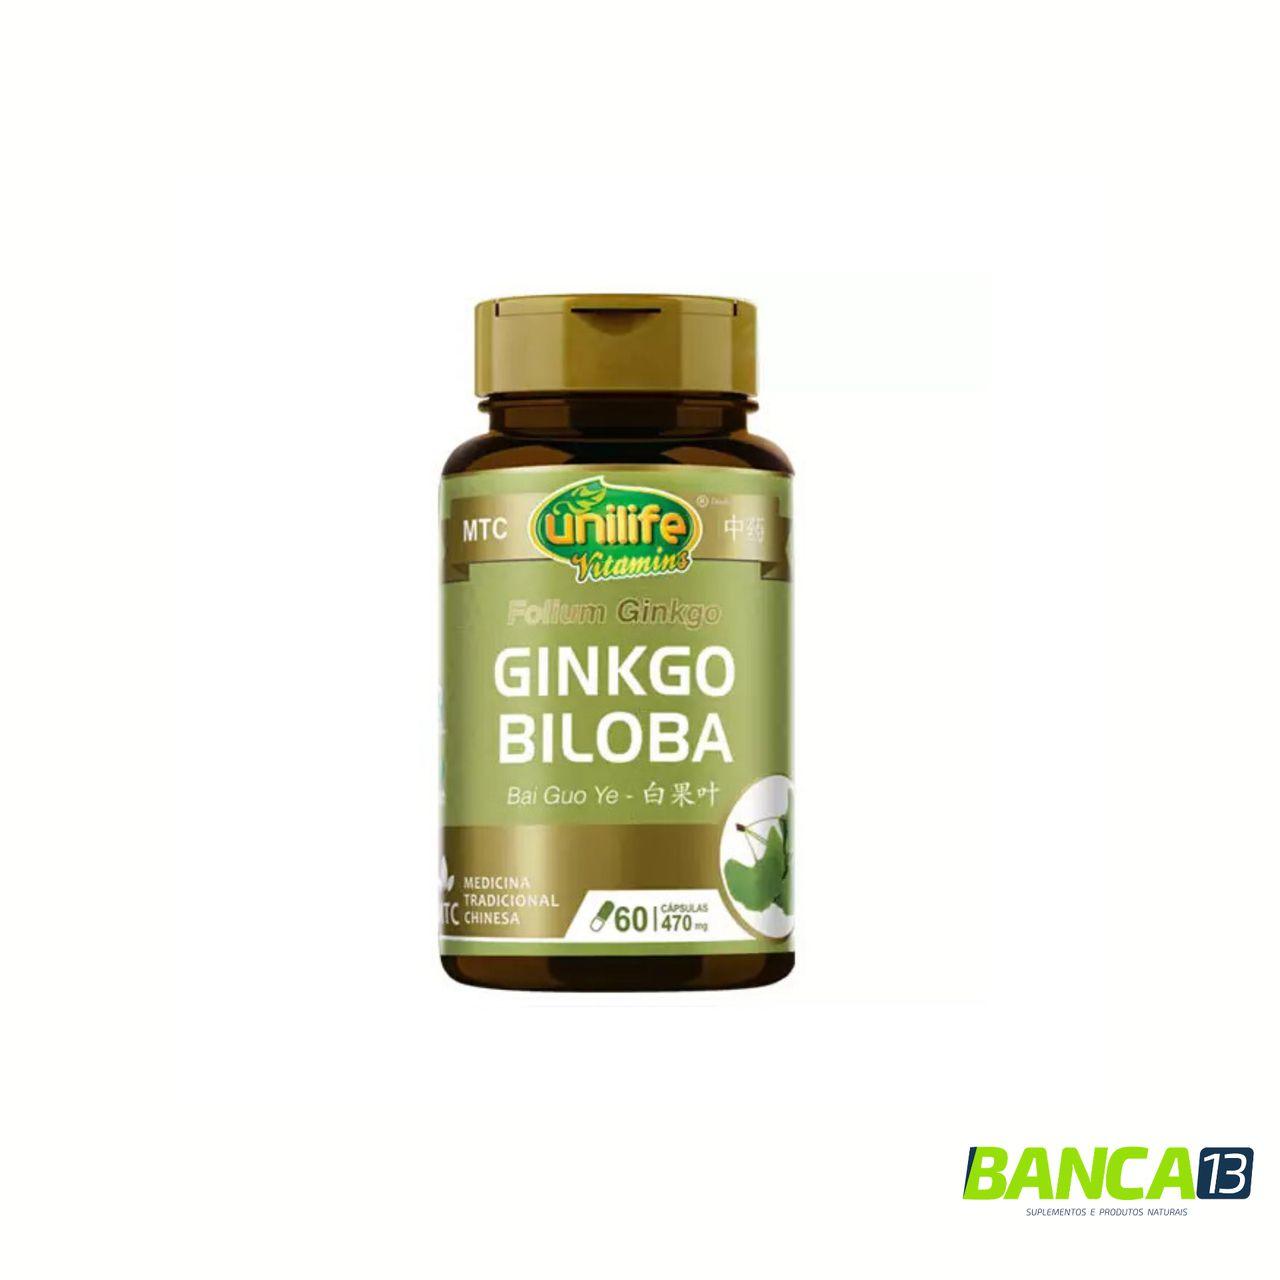 GINKGO BILOBA 60 CÁPSULAS 470MG - UNILIFE